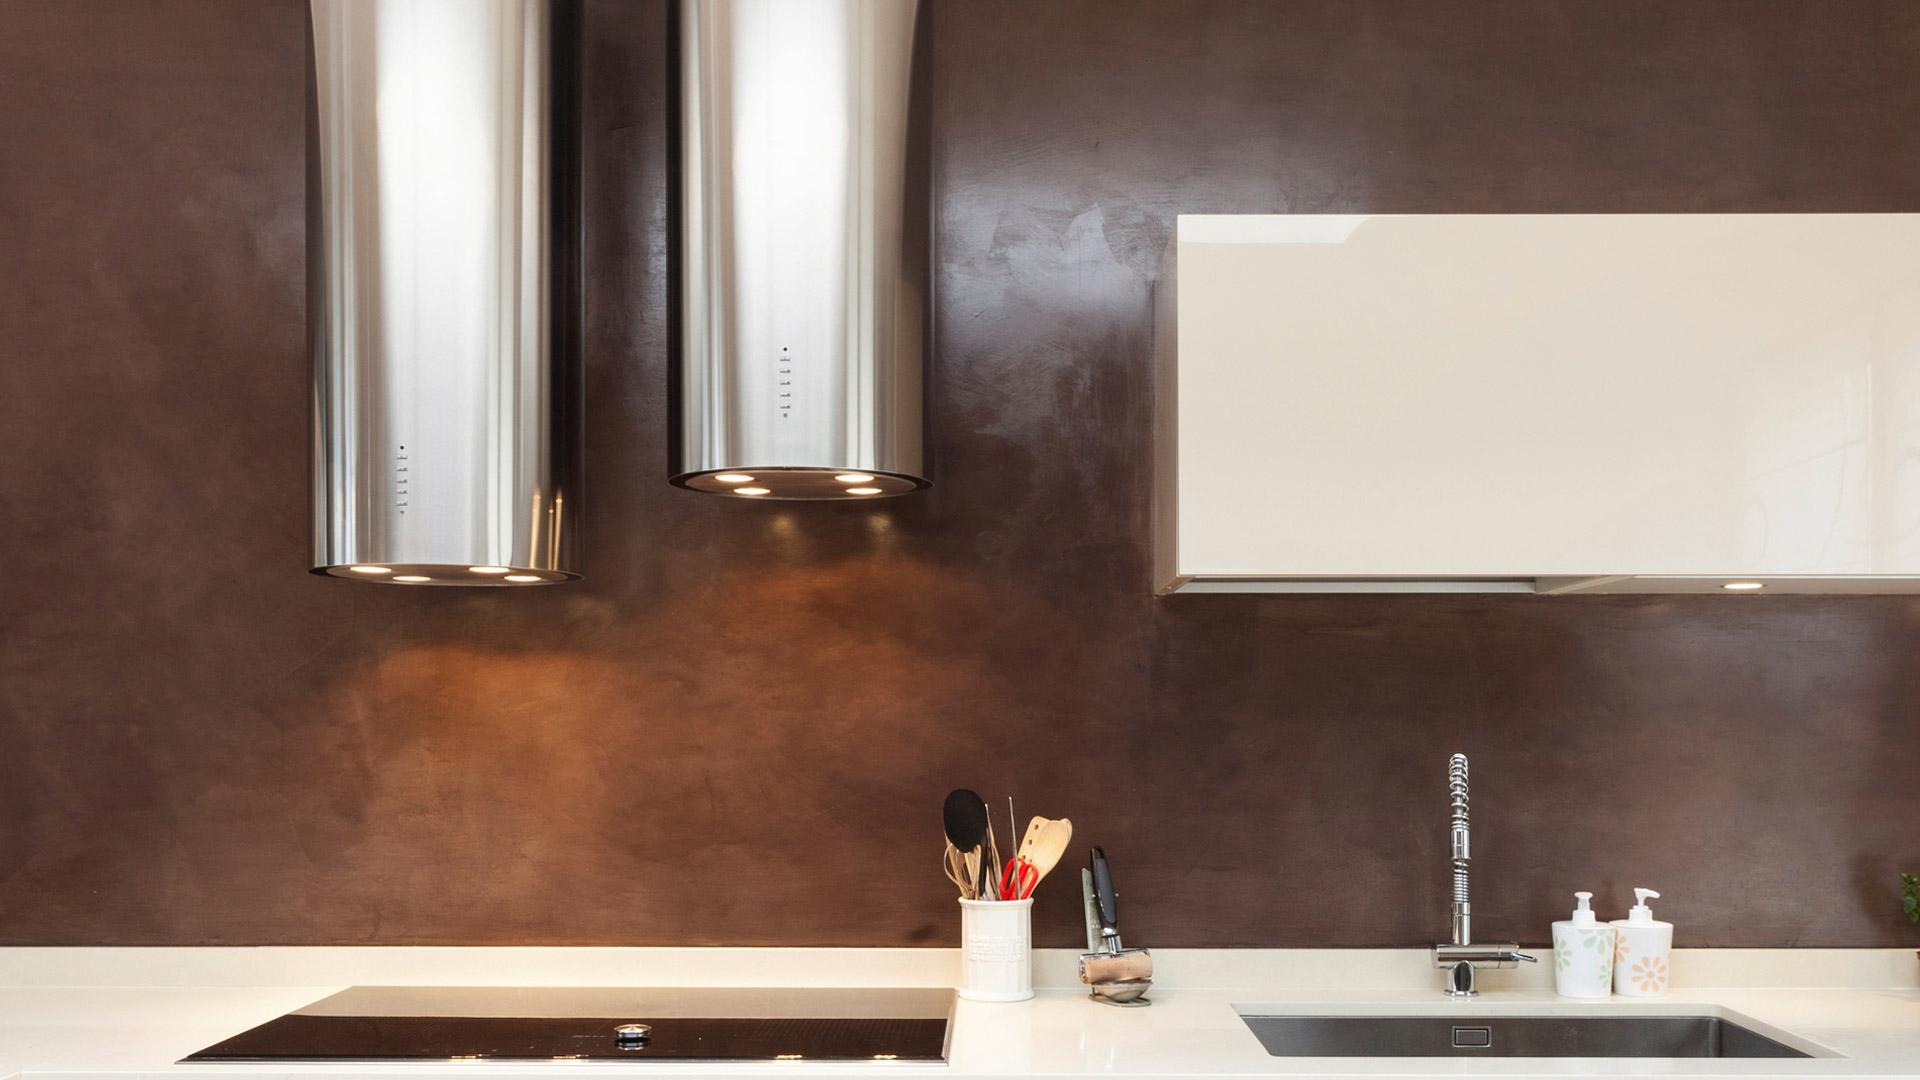 La resina per pareti è la soluzione ideale per rivestire le pareti di bagno, cucina, box doccia o vasca. Errelab Crea In Resina Rivestimenti Per Pavimenti E Pareti